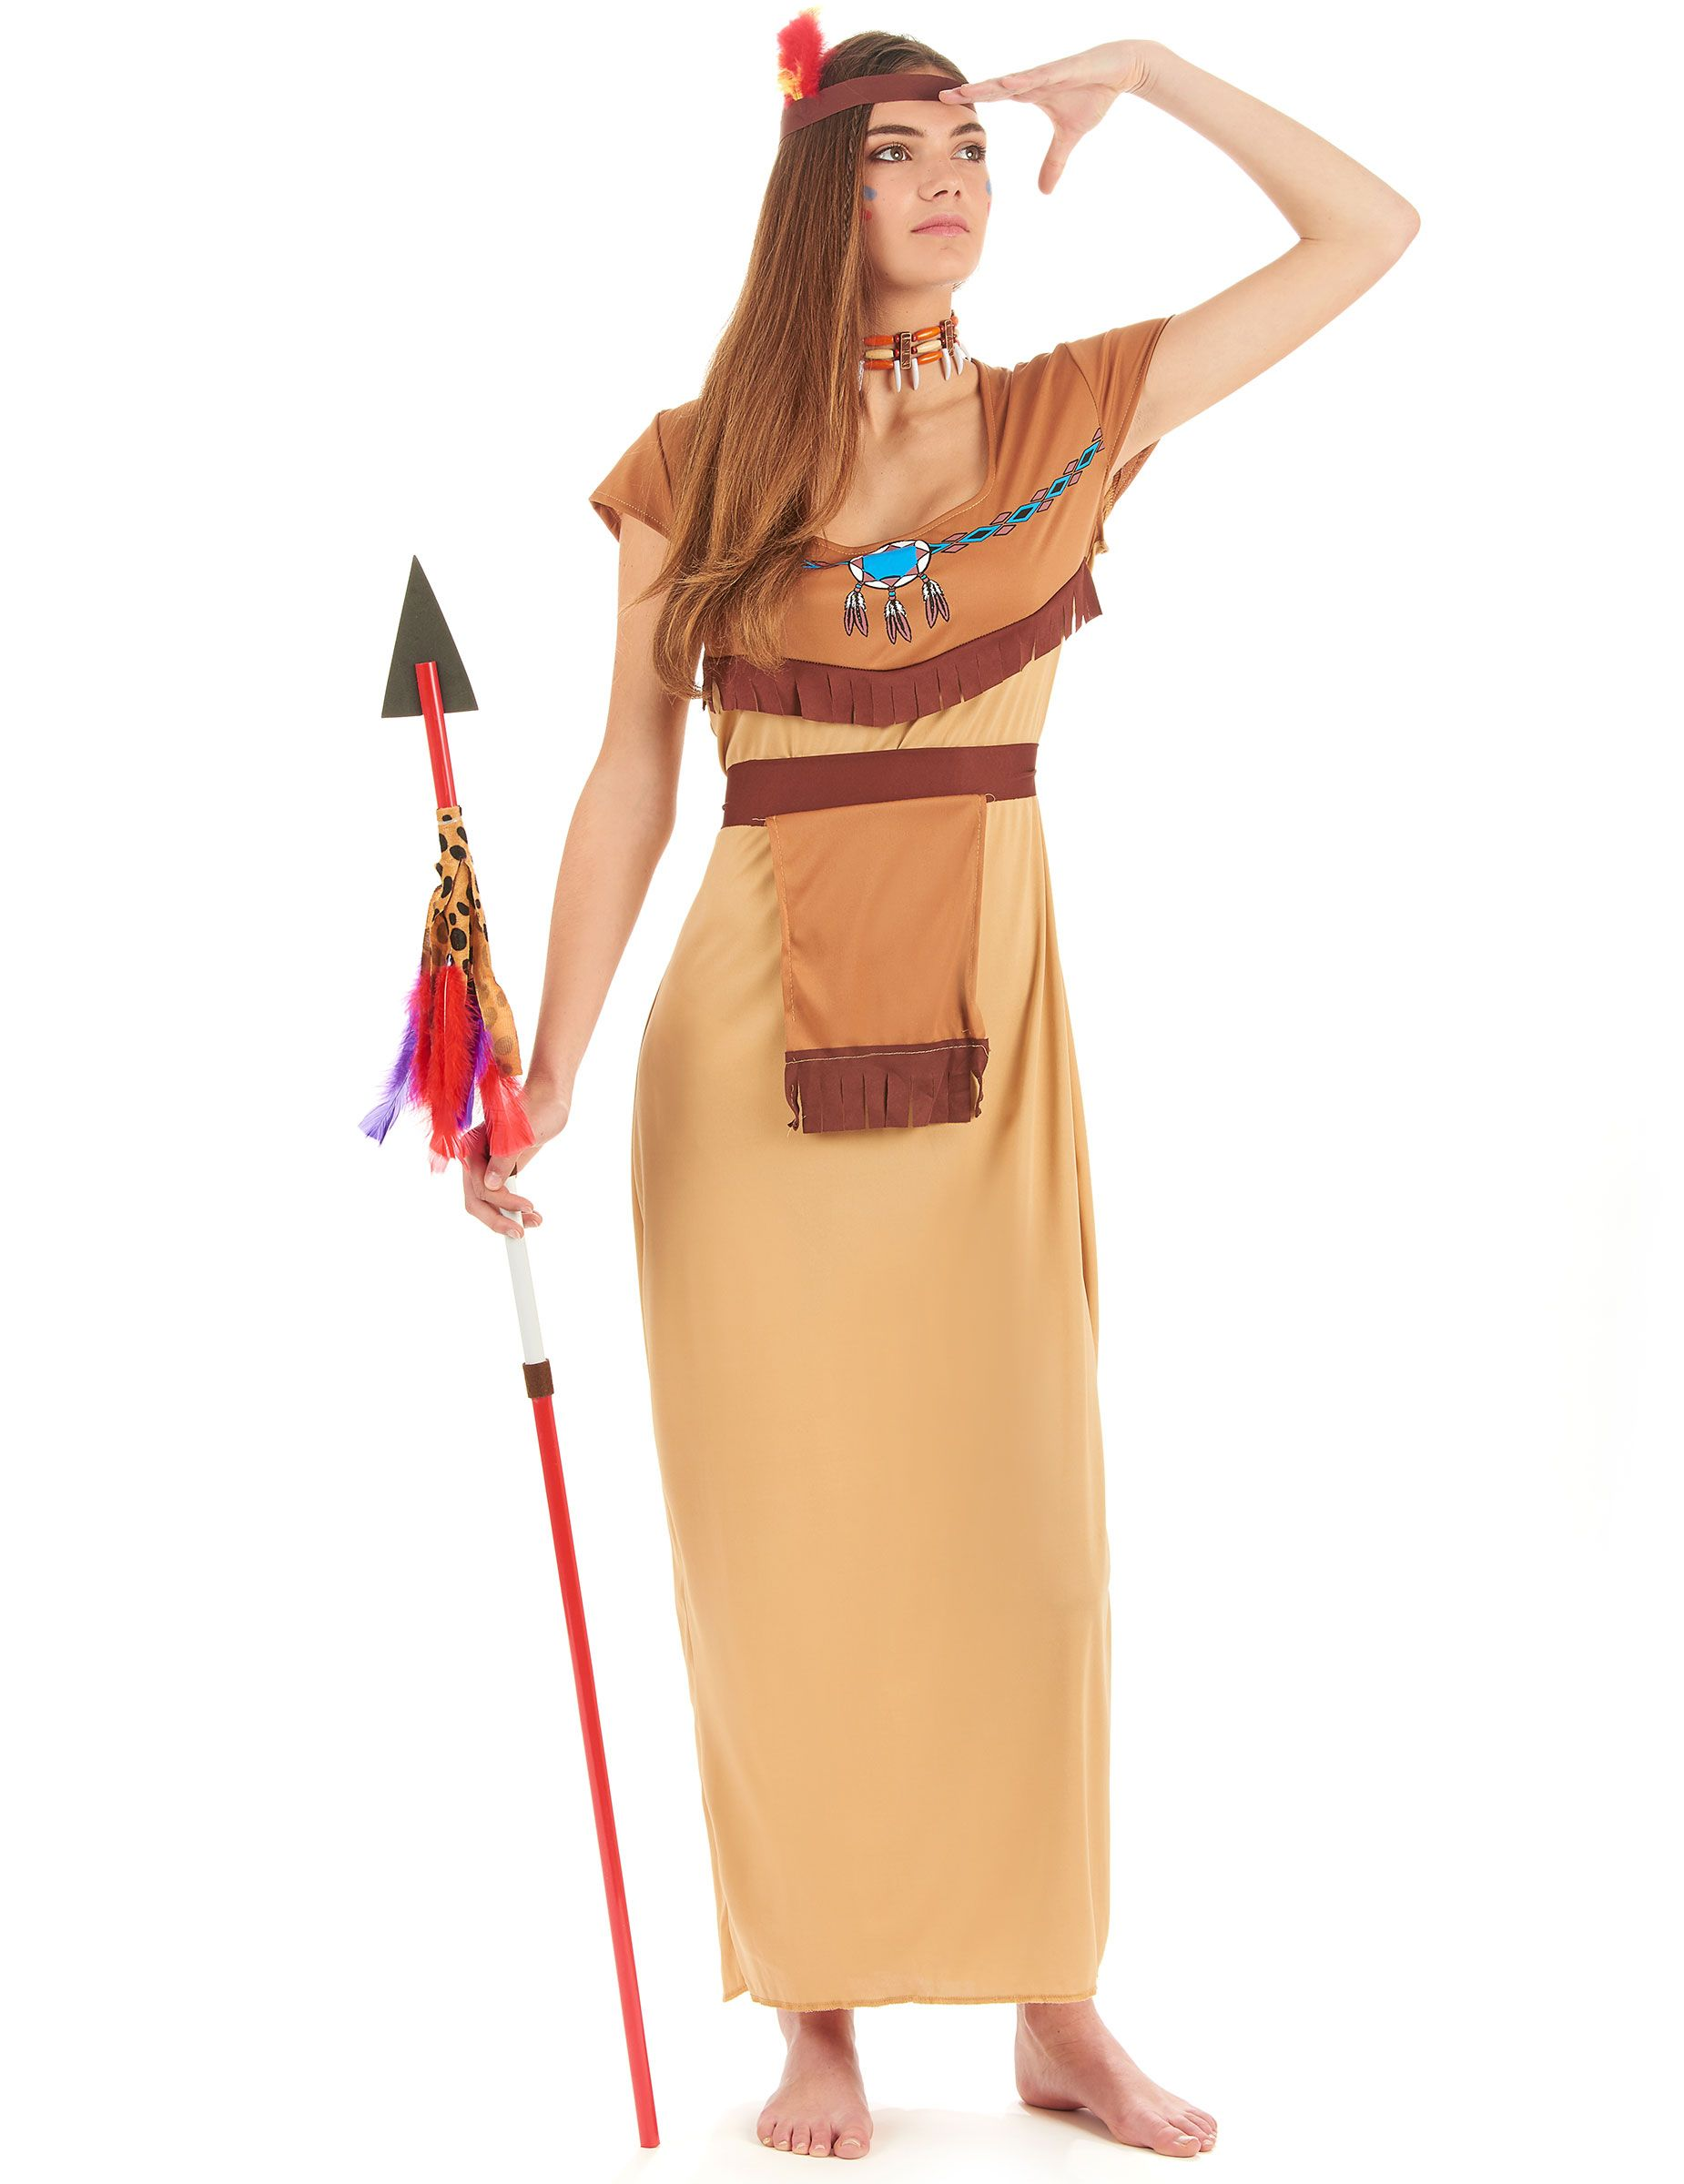 a7e6035d5553 Disfraz de india para mujer: Disfraz de india para mujer compuesto por un vestido  largo